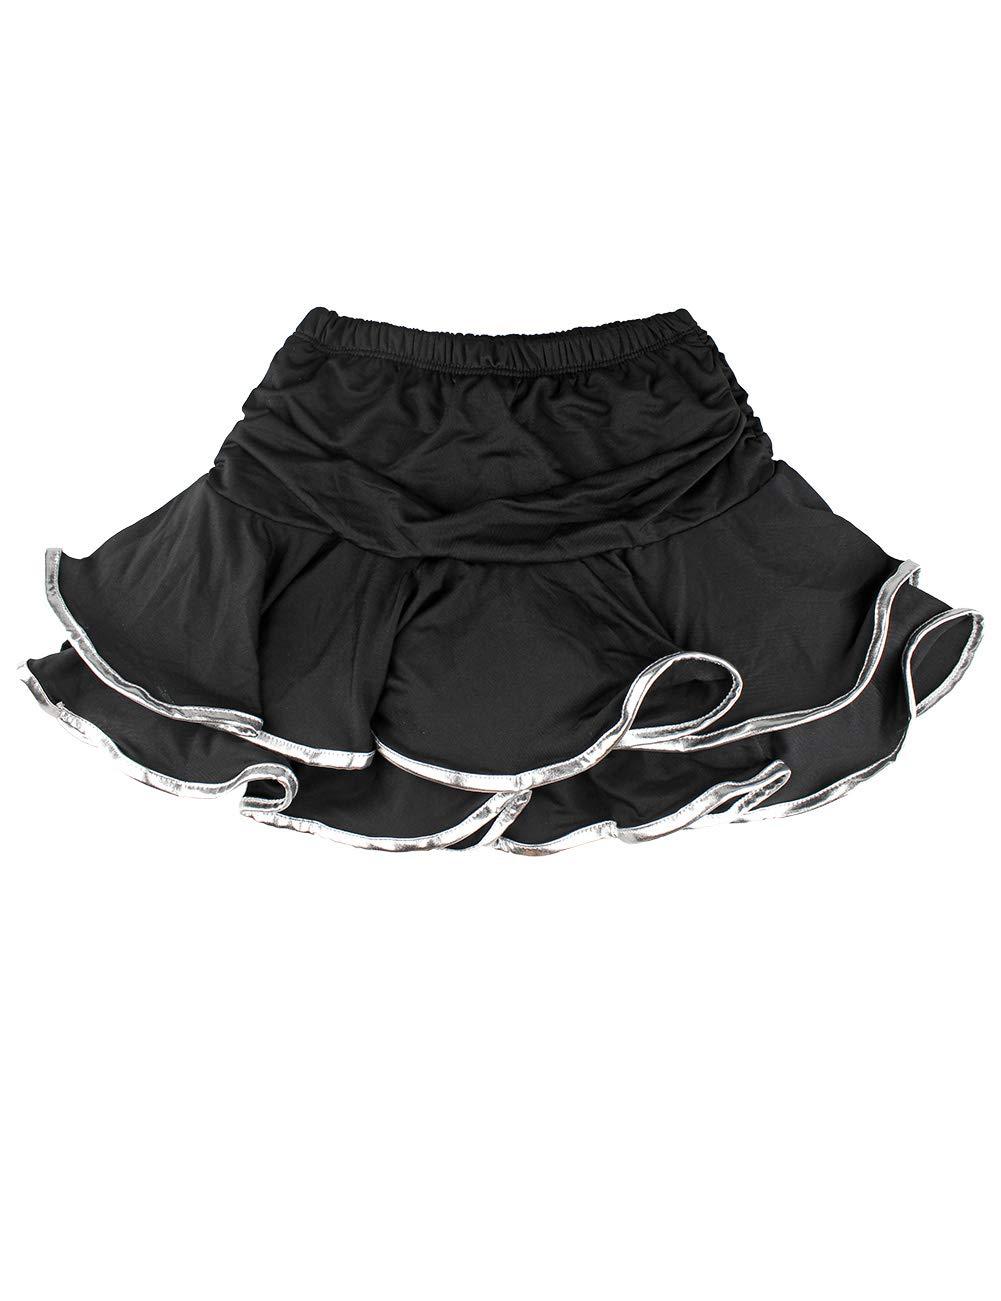 Daydance Girl's Dance Skirt Latin Ballroom Samba Tango Practice Dress with Boy Shorts 9 Colors Black-Silver by Daydance